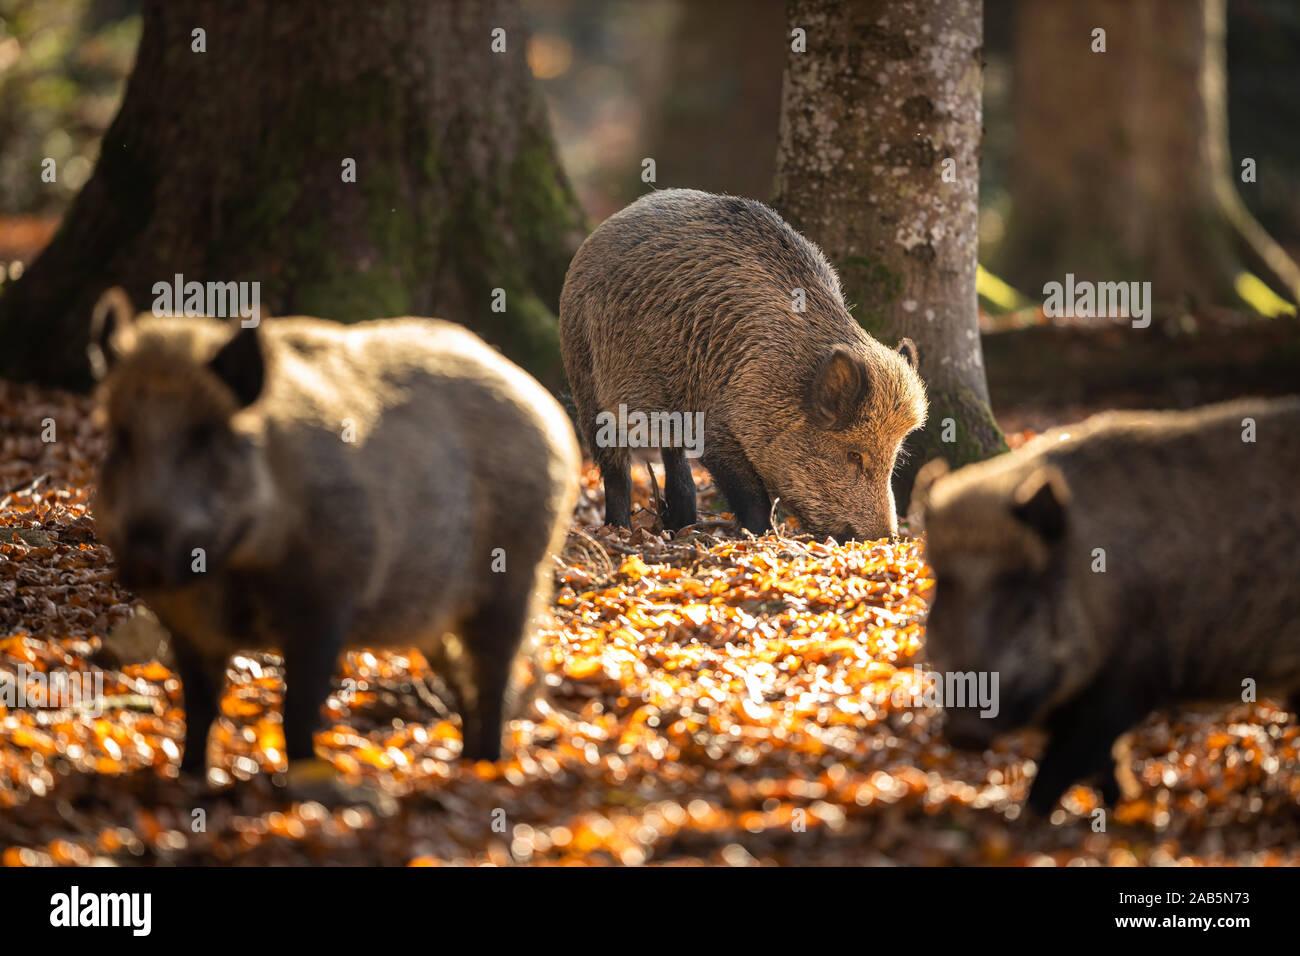 Le sanglier (Sus scrofa, également connu sous le nom de porcs sauvages, le canard cochon sauvage Banque D'Images